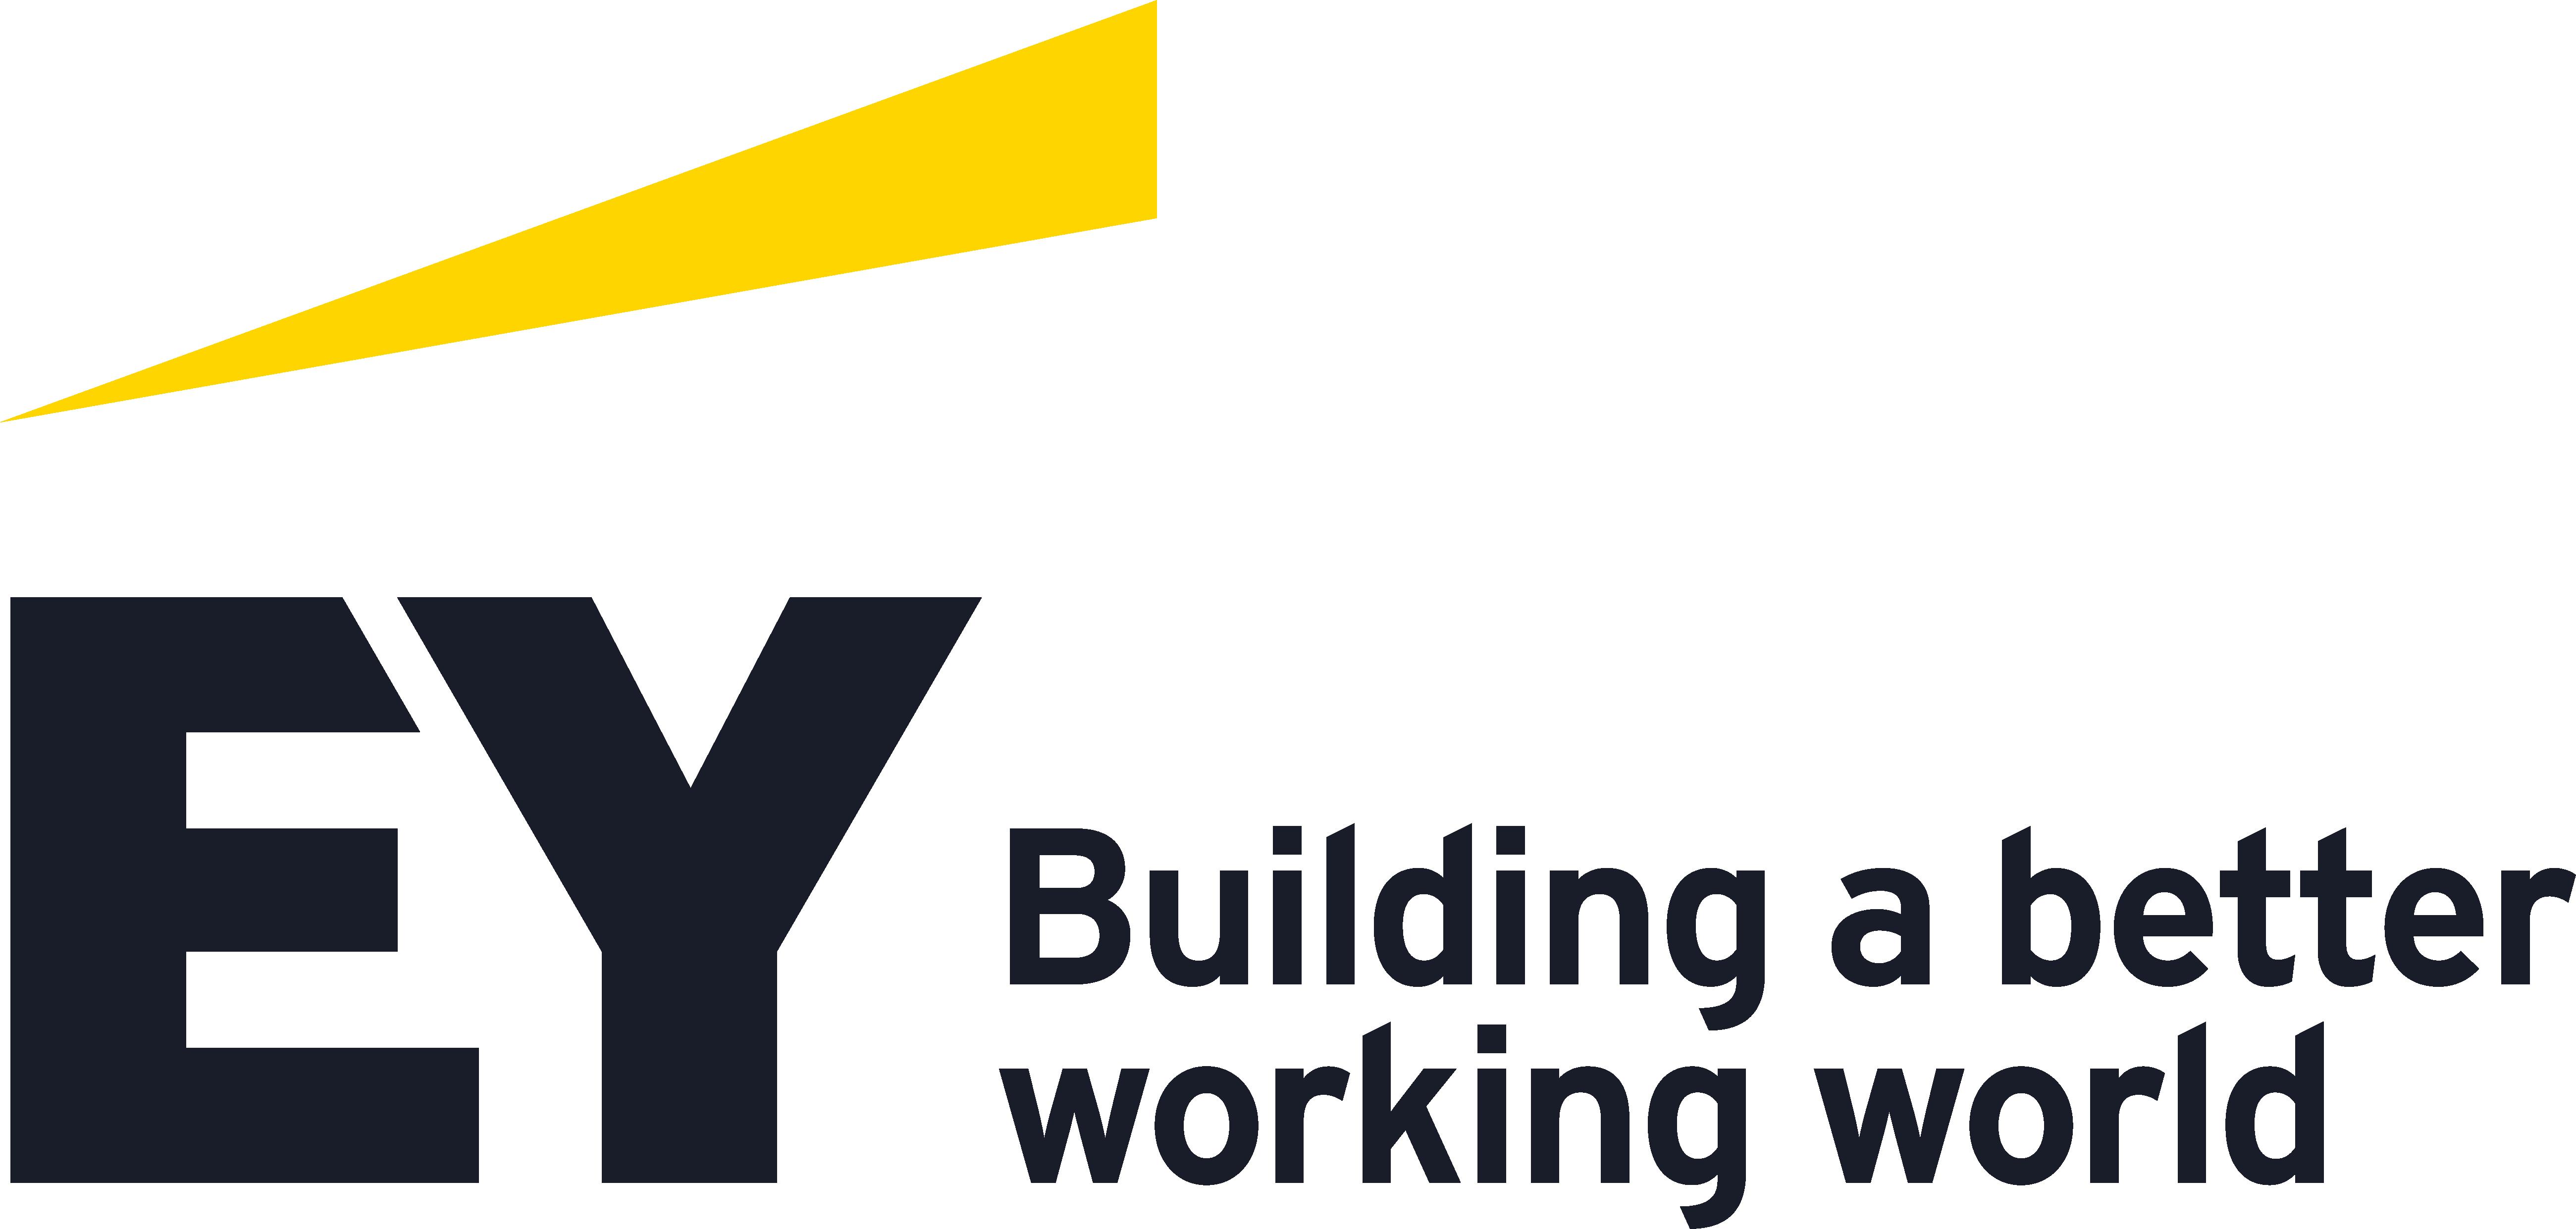 EY opens EY wavespace in Bucharest, developing digital